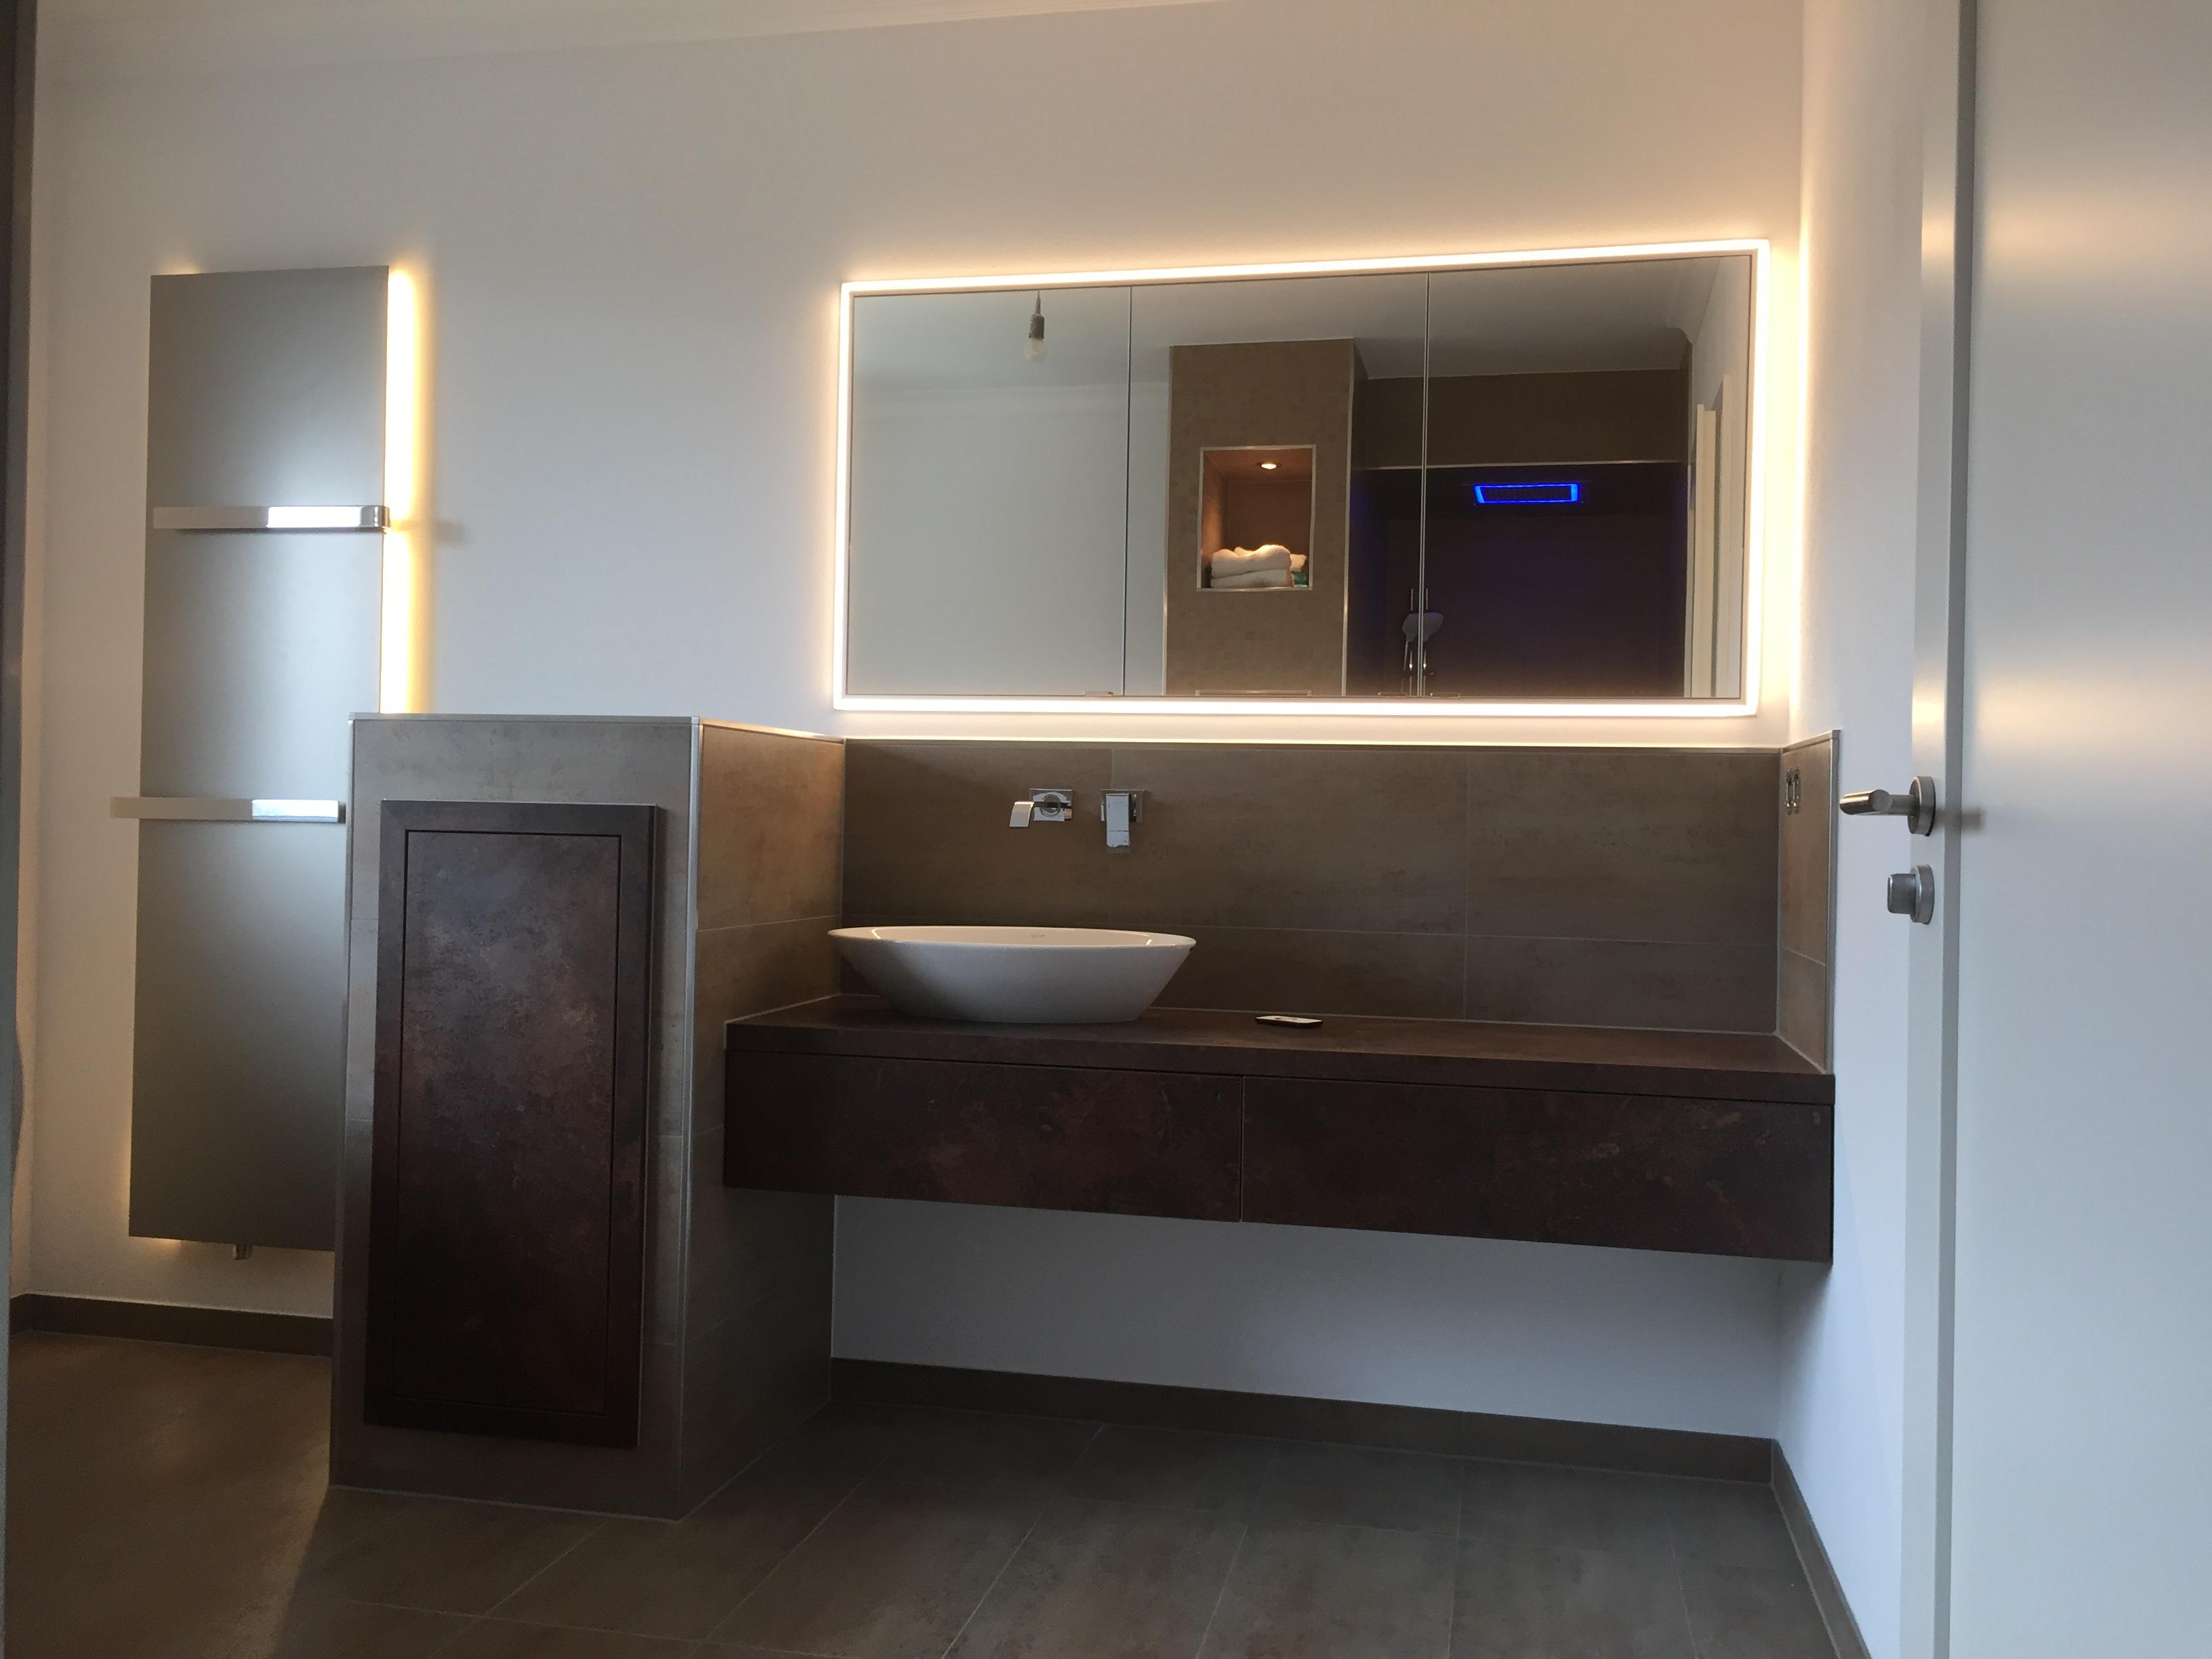 Aufsatzwaschtisch mit Wandarmatur, eingelassenem Spiegelschrank sowie Planbadheizkörper mit Beleuchtung